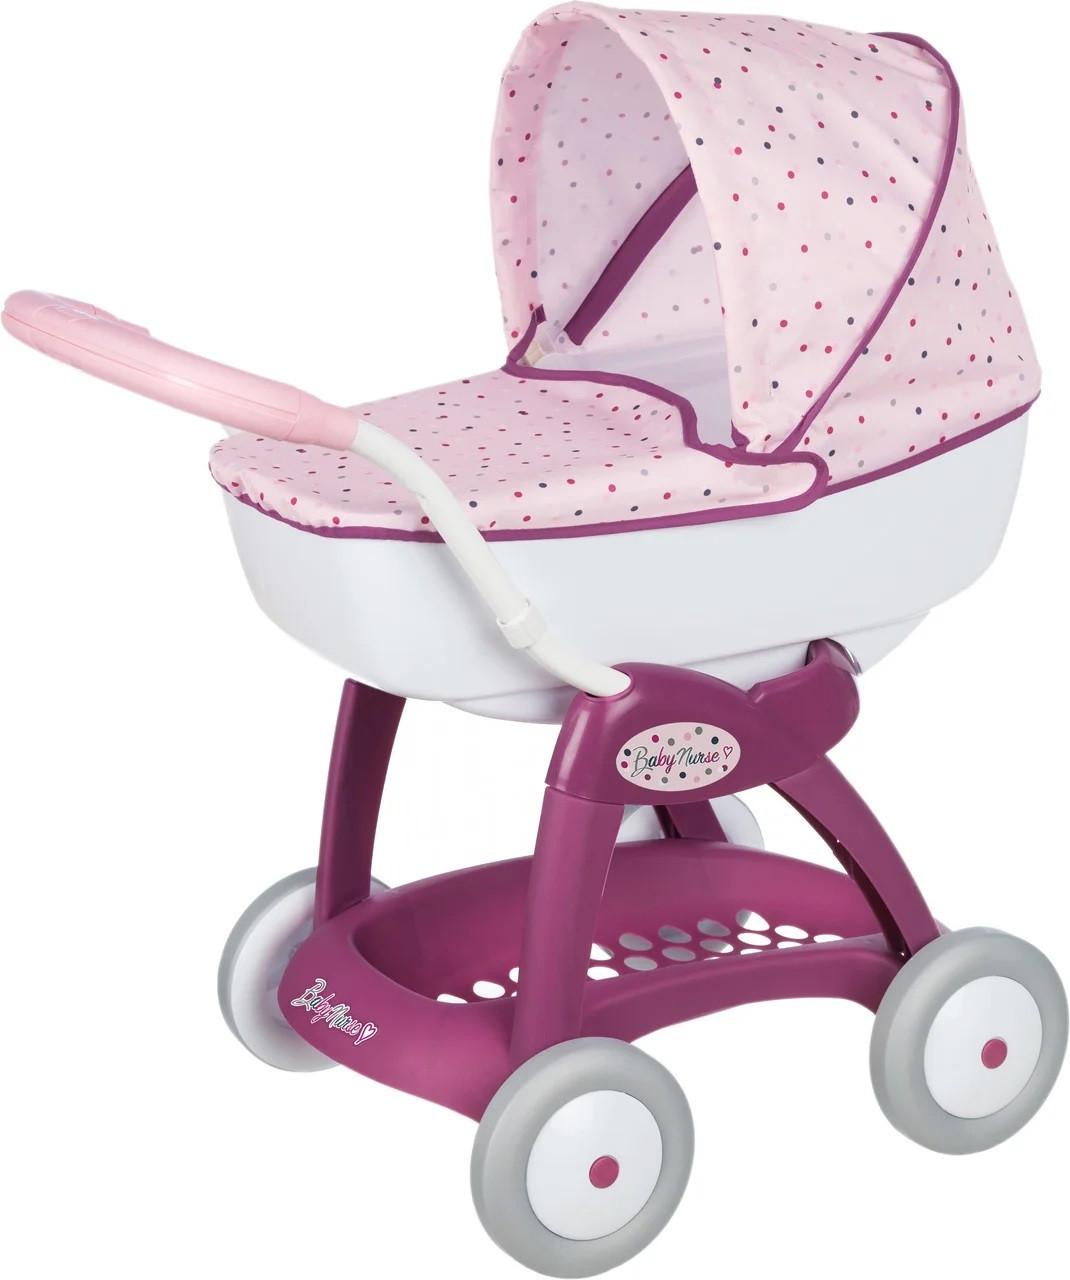 Коляска для кукол Прованс Классик Smoby Baby Nurse 251103 люлька с корзиной (коляска для ляльок)